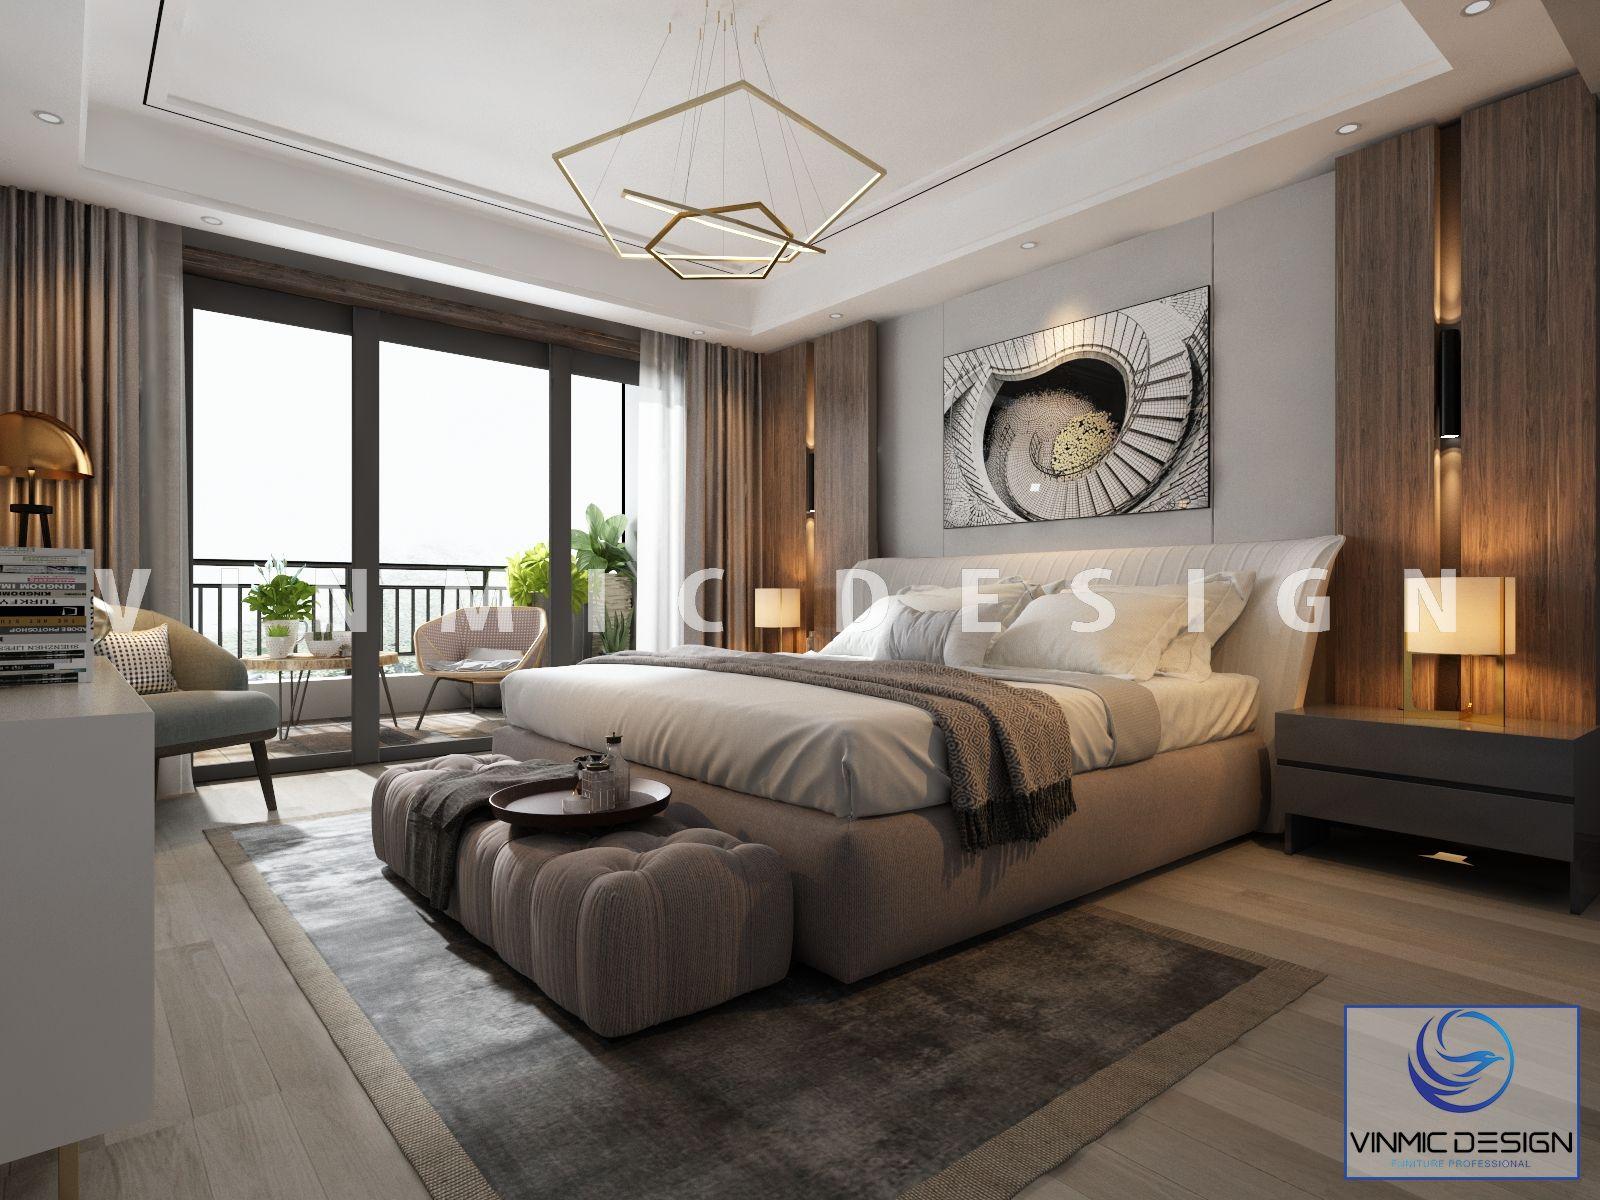 Thiết kế phòng ngủ sang trọng với giường ngủ đa năng bọc nỉ cao cấp